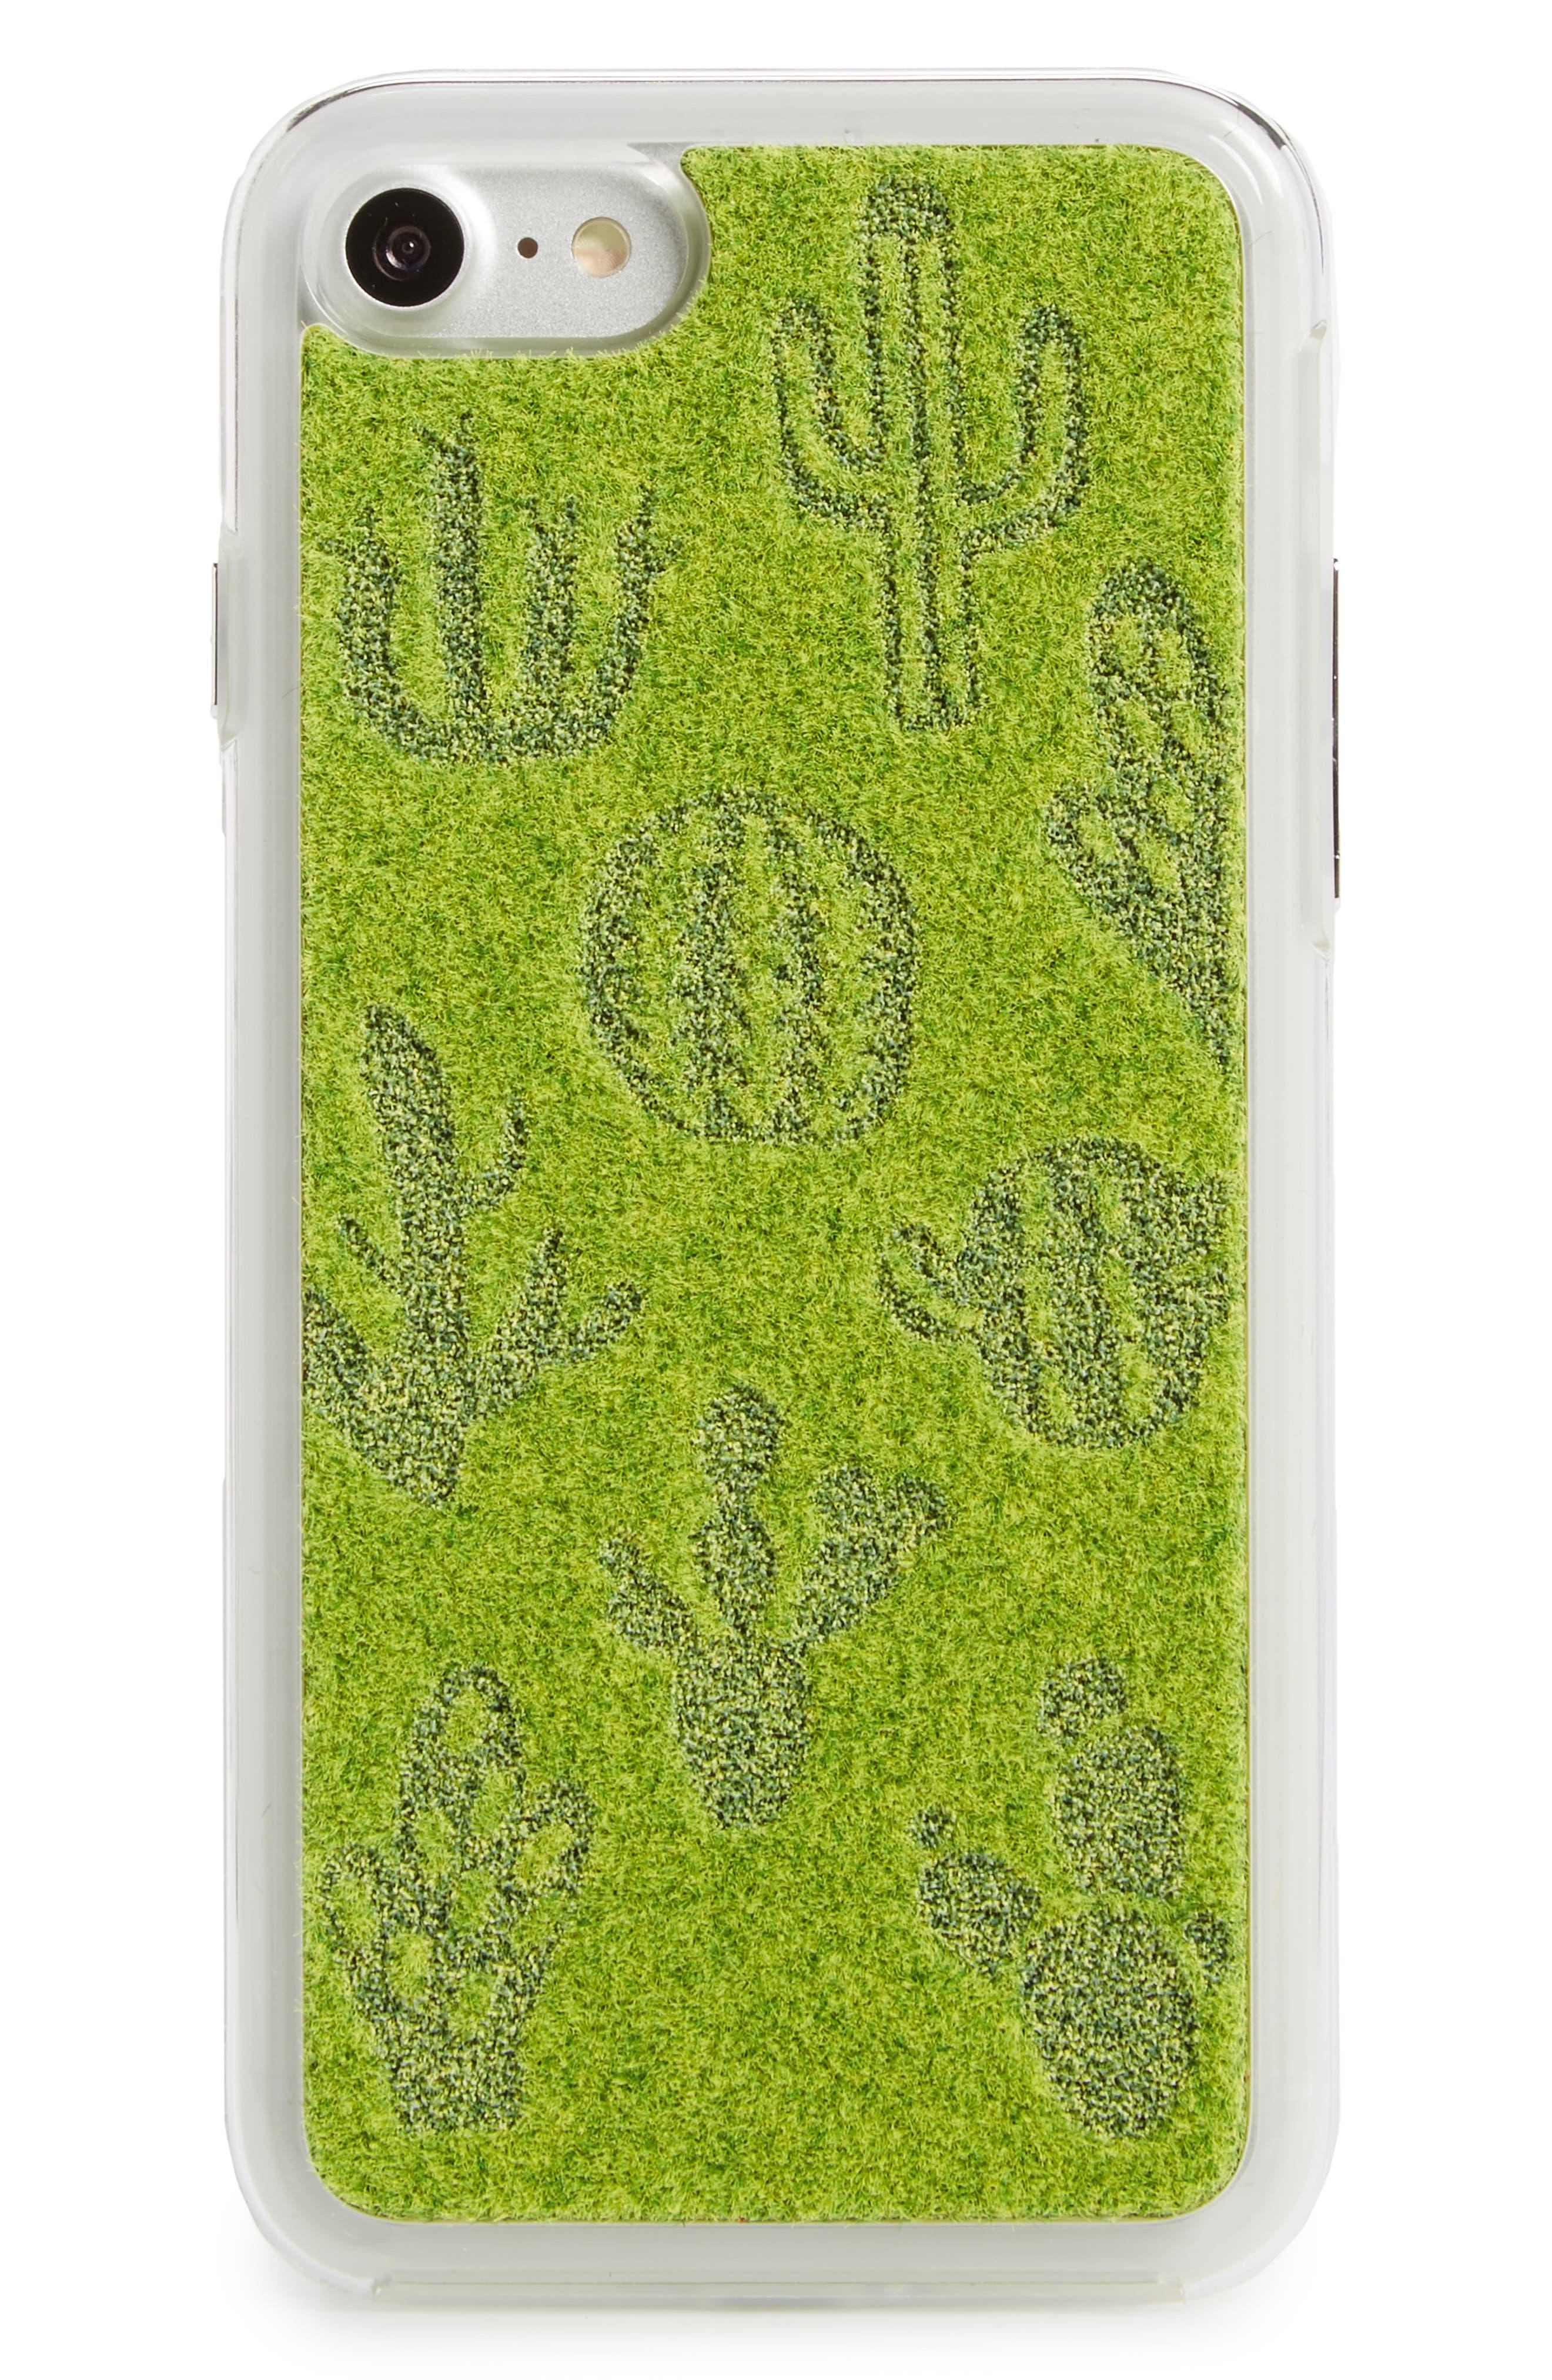 Shibaful Cactus Me iPhone 7 & iPhone 7 Plus Case